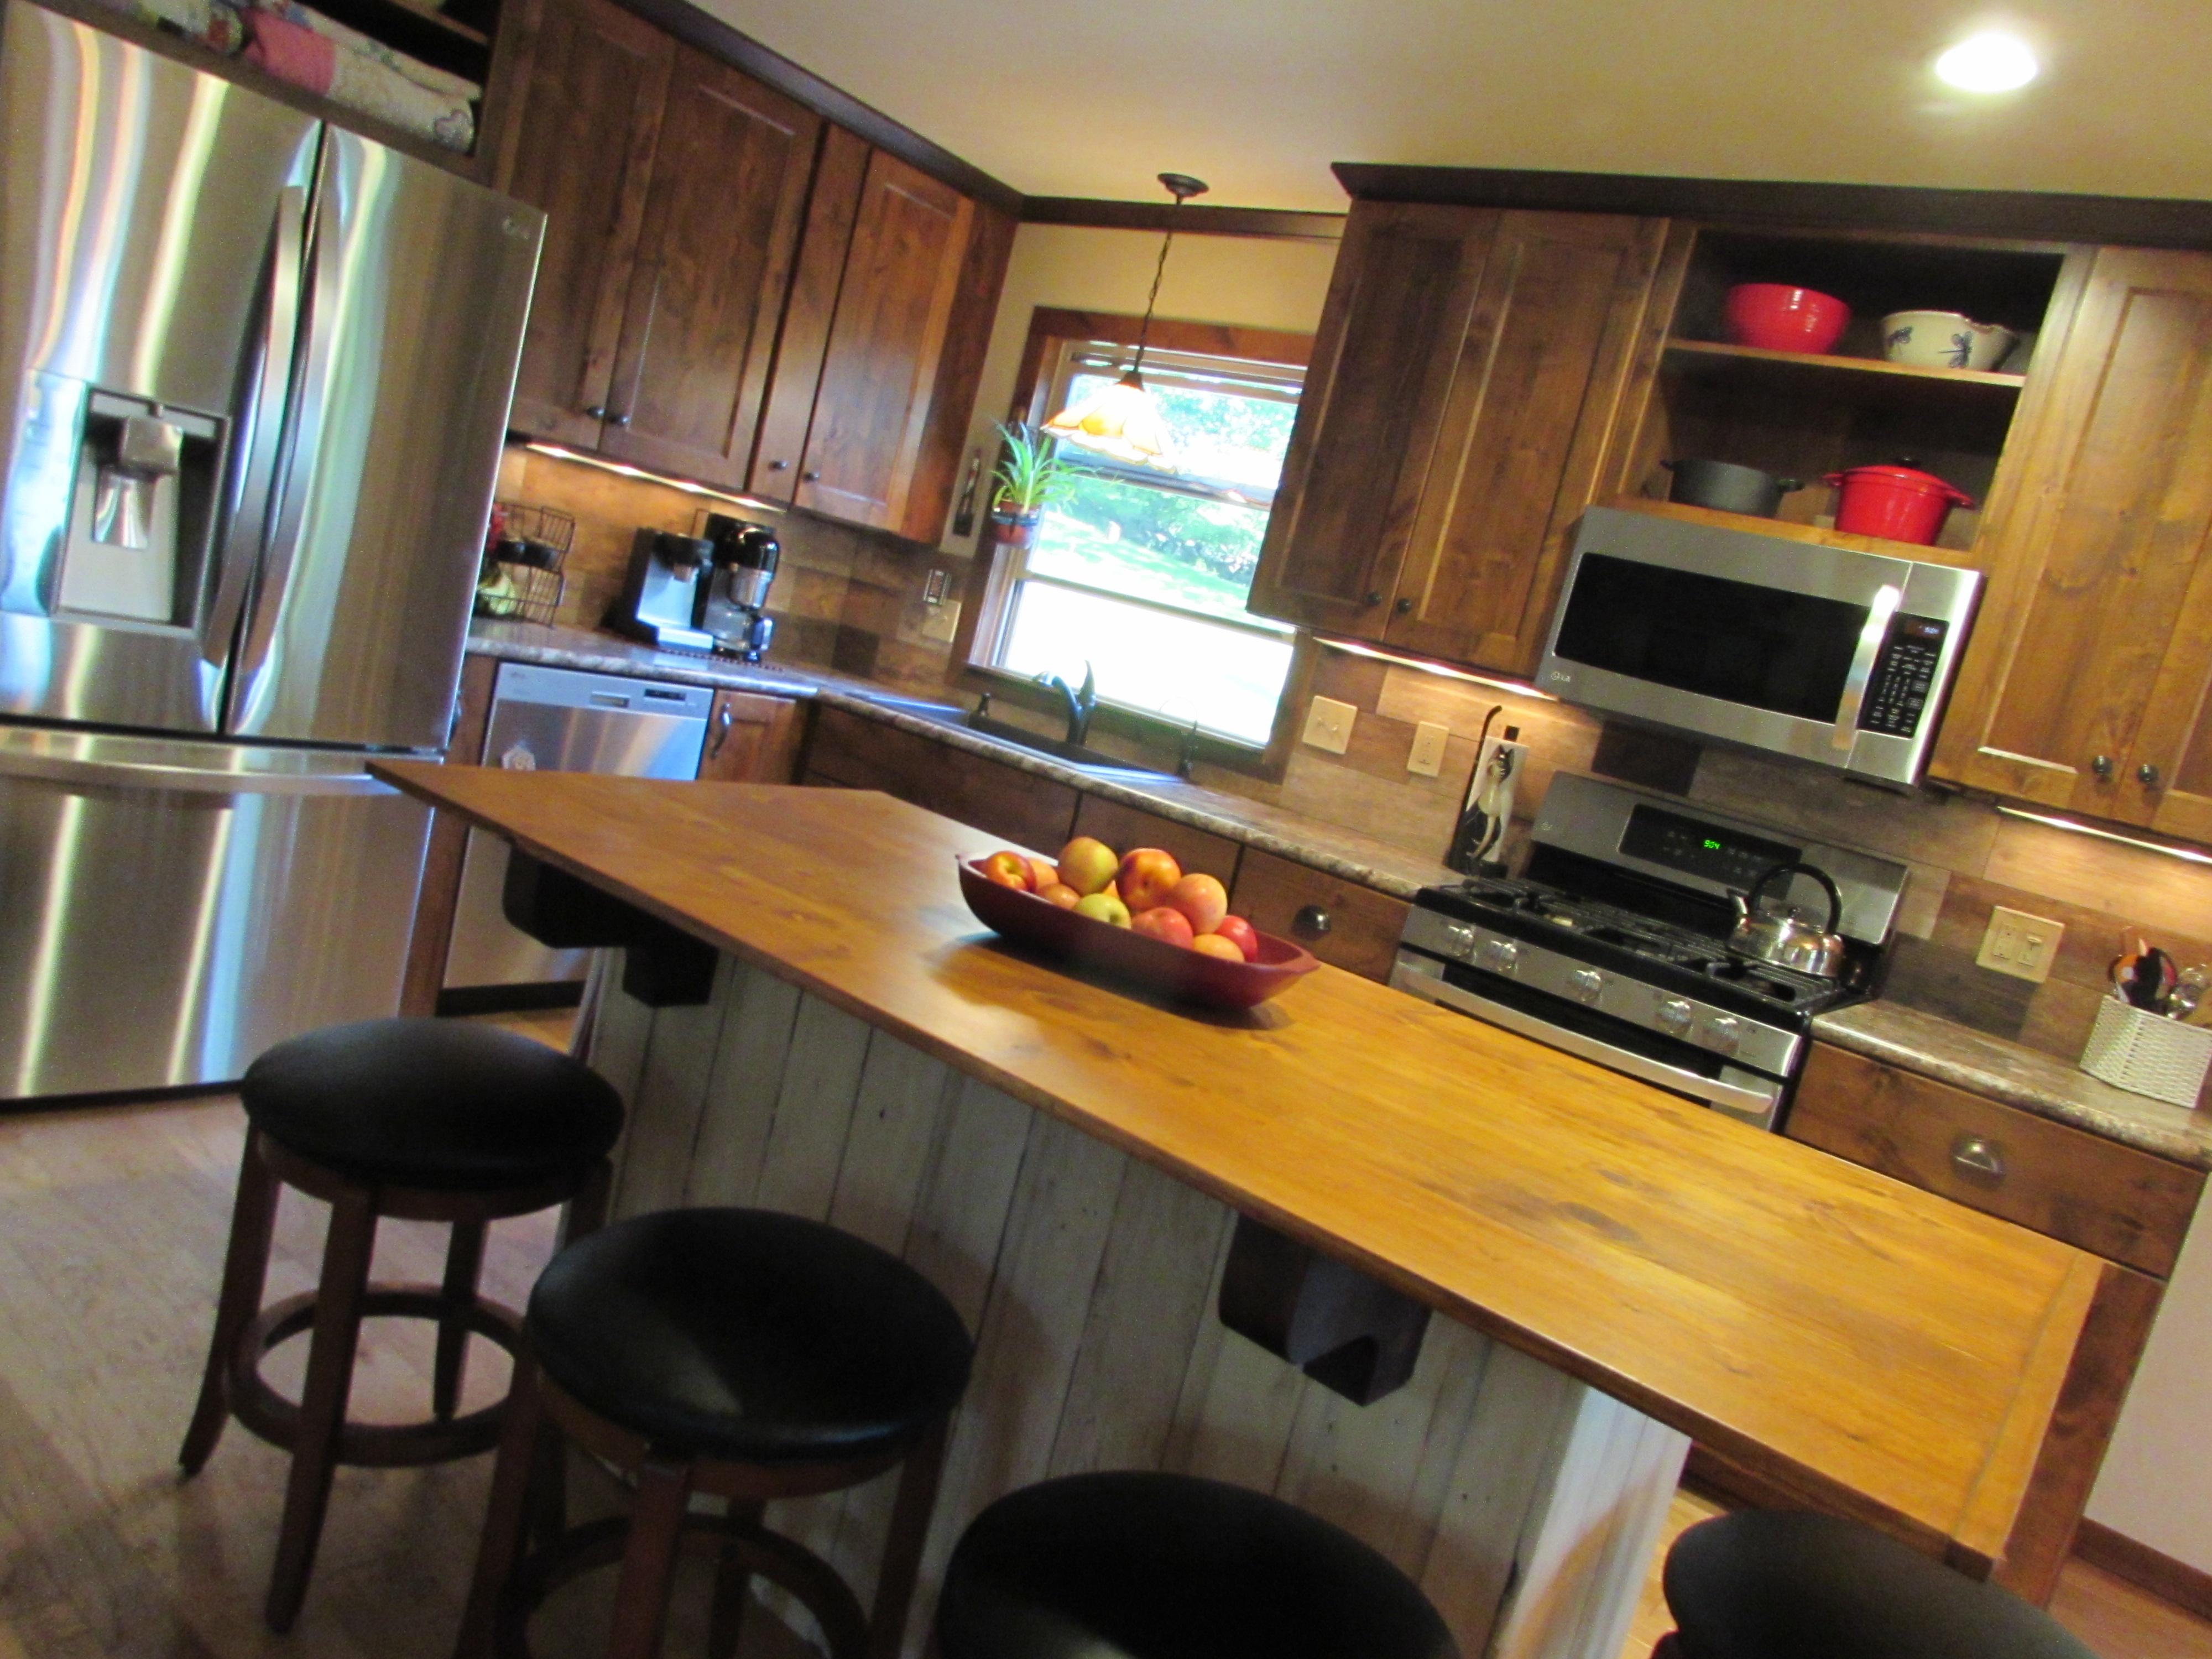 sandy kitchen after